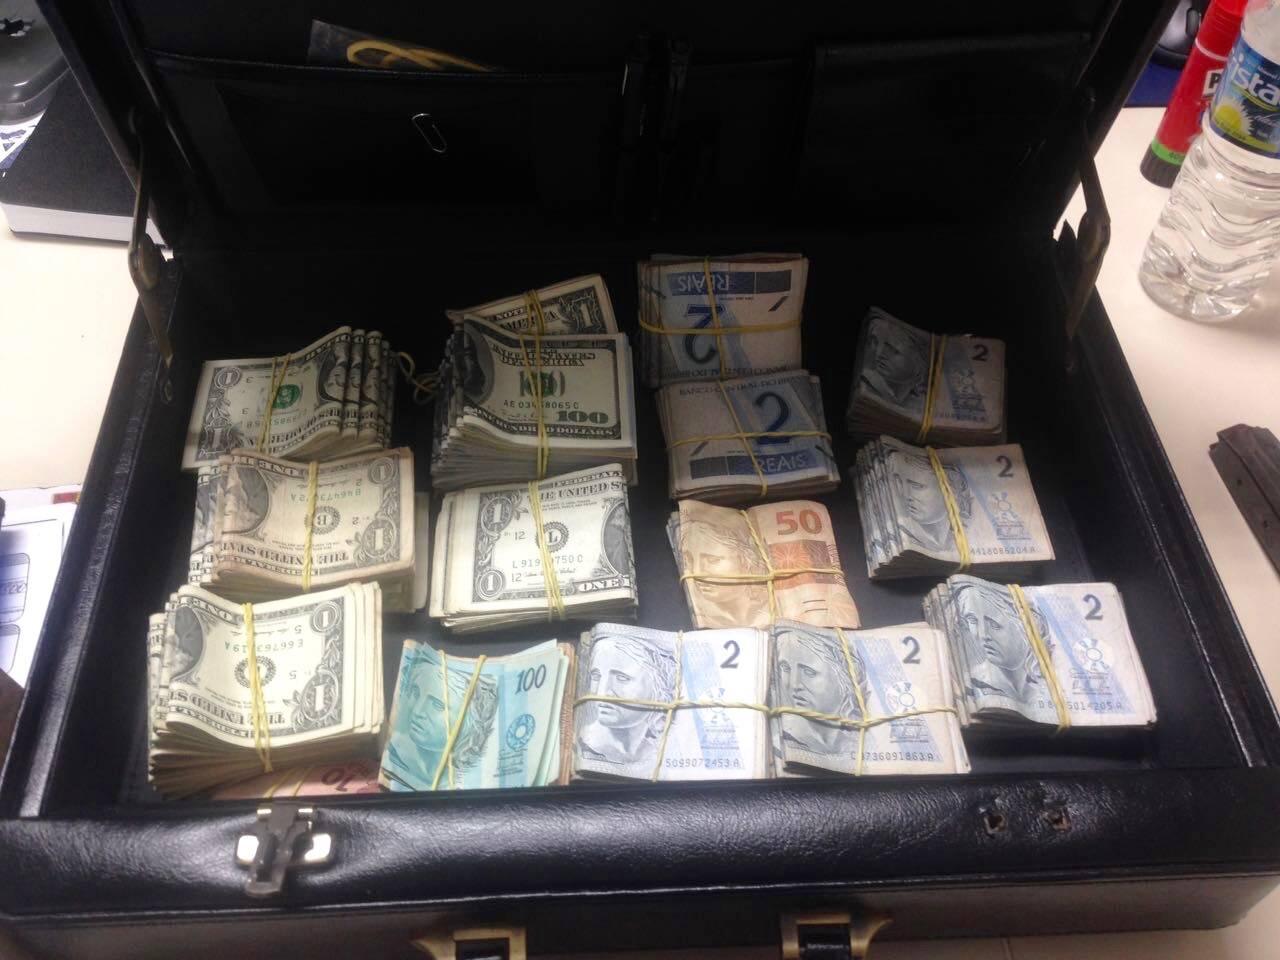 Detalhe do dinheiro apreendido com os bandidos. Foto: PM Divulgação